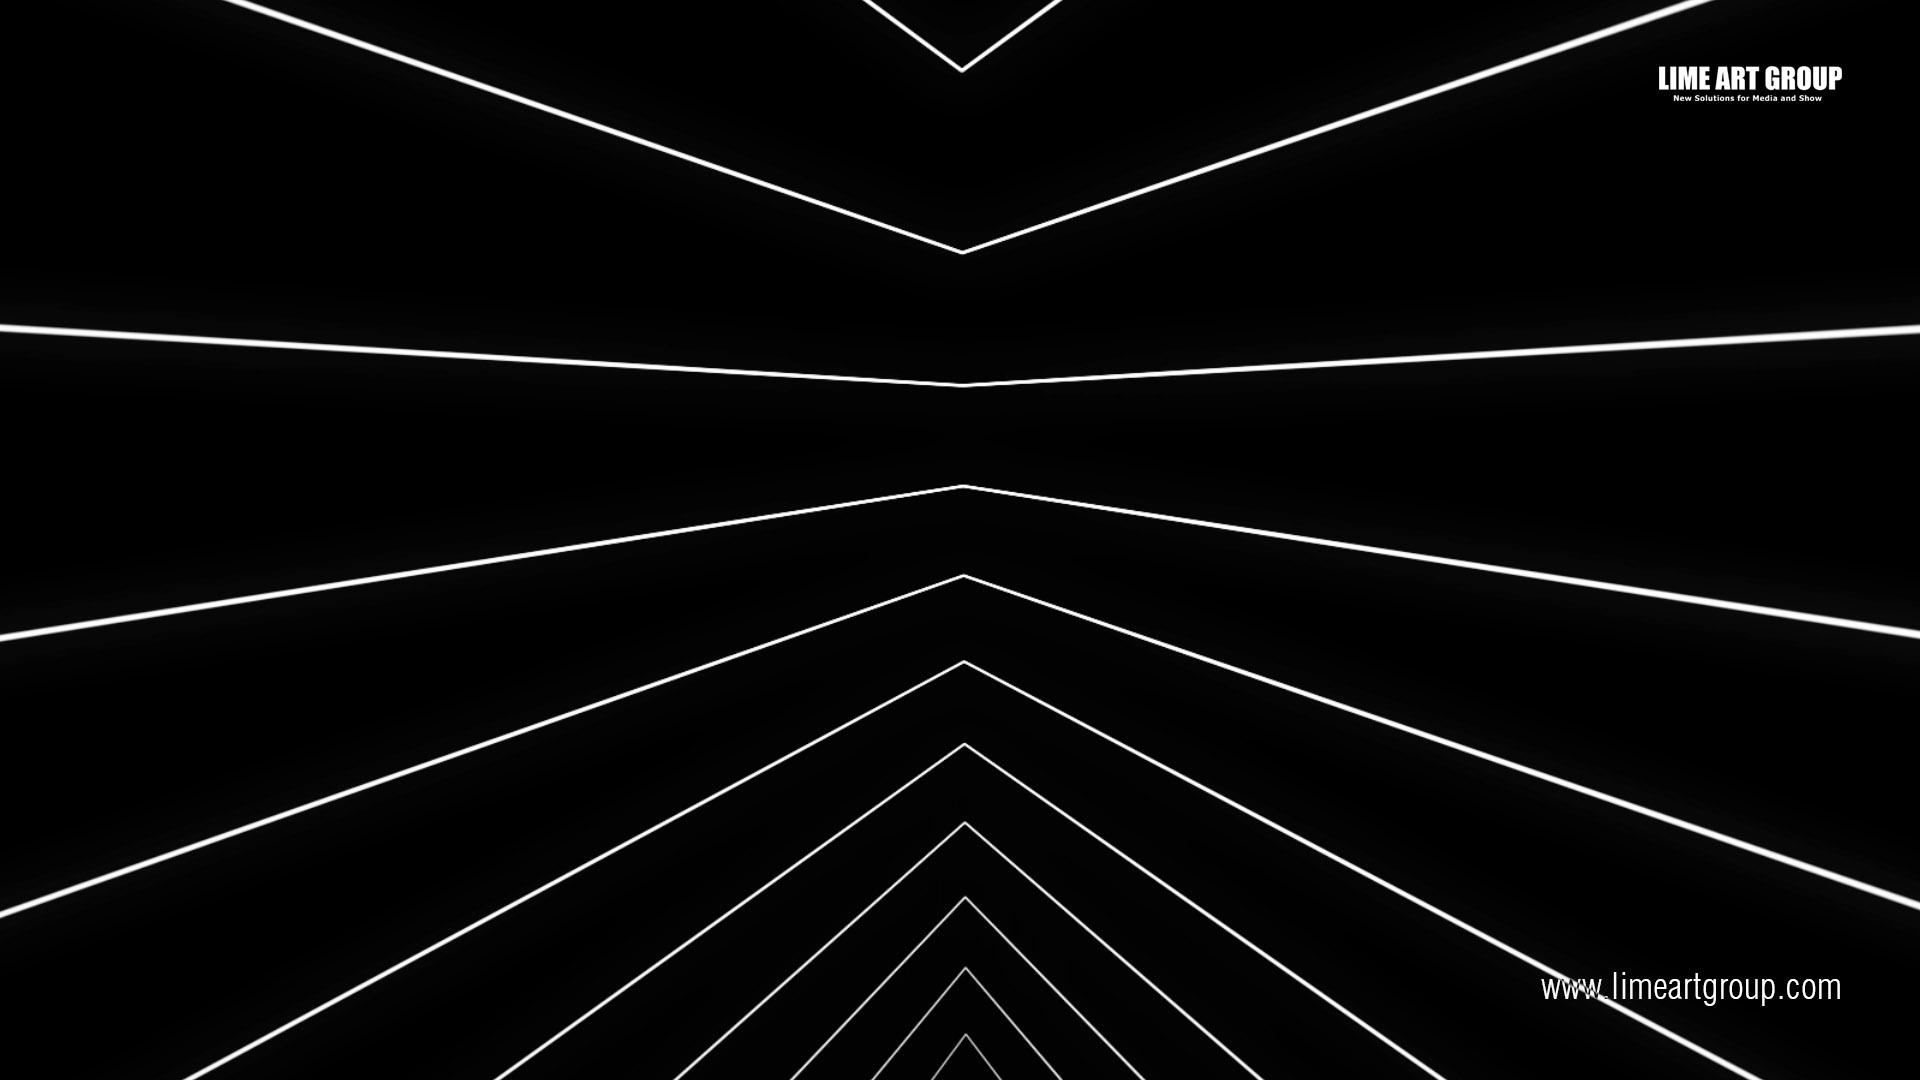 Smart Lines Vj loops video loops 2